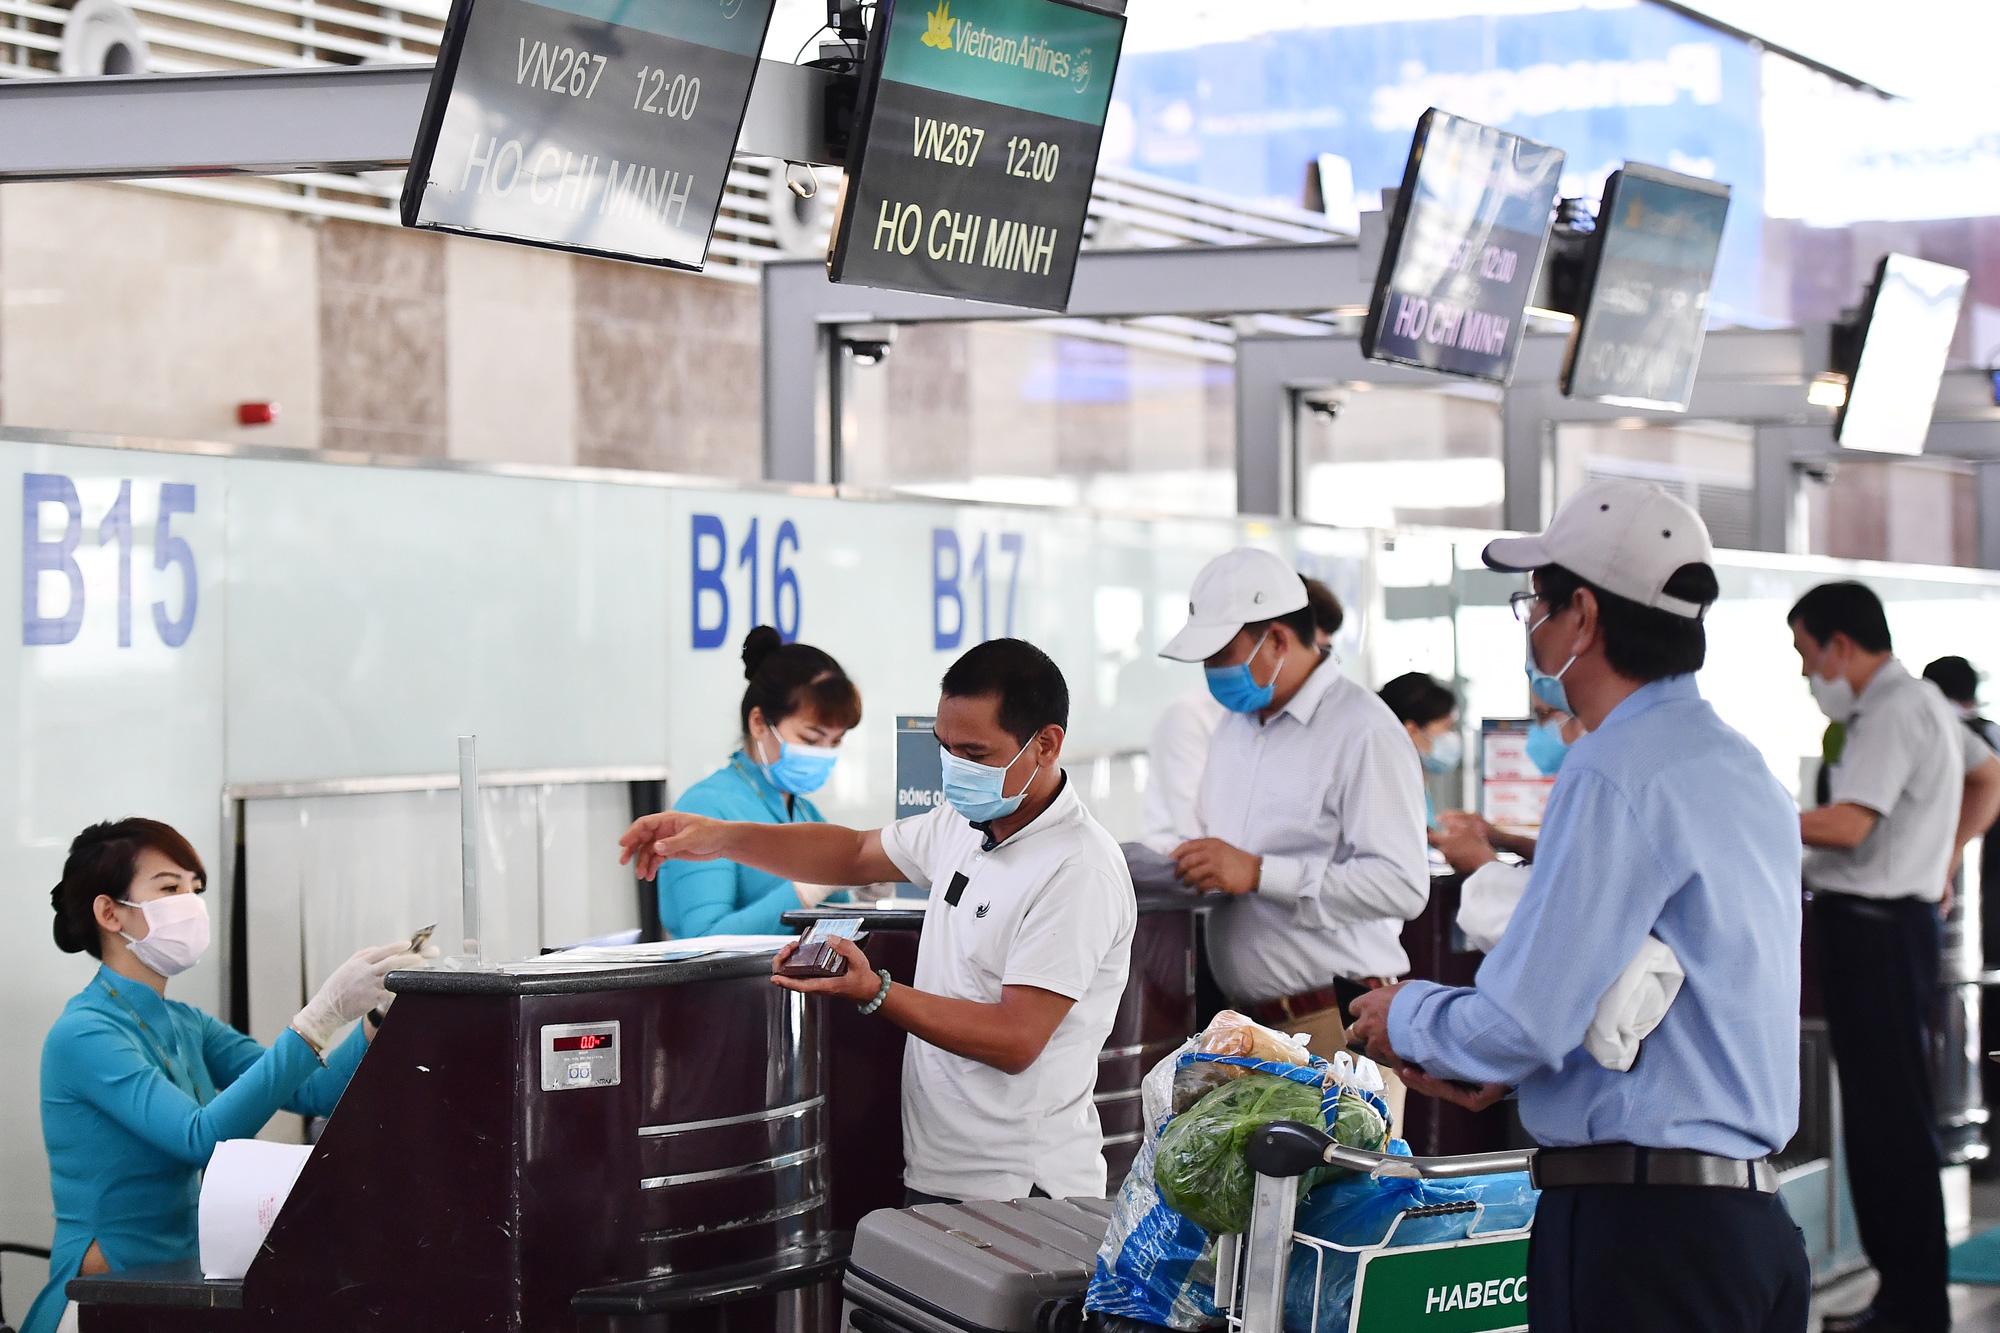 Các hãng hàng không không trả tiền khách hàng khi hoàn vé máy bay: Bộ GTVT nói gì?  - Ảnh 2.